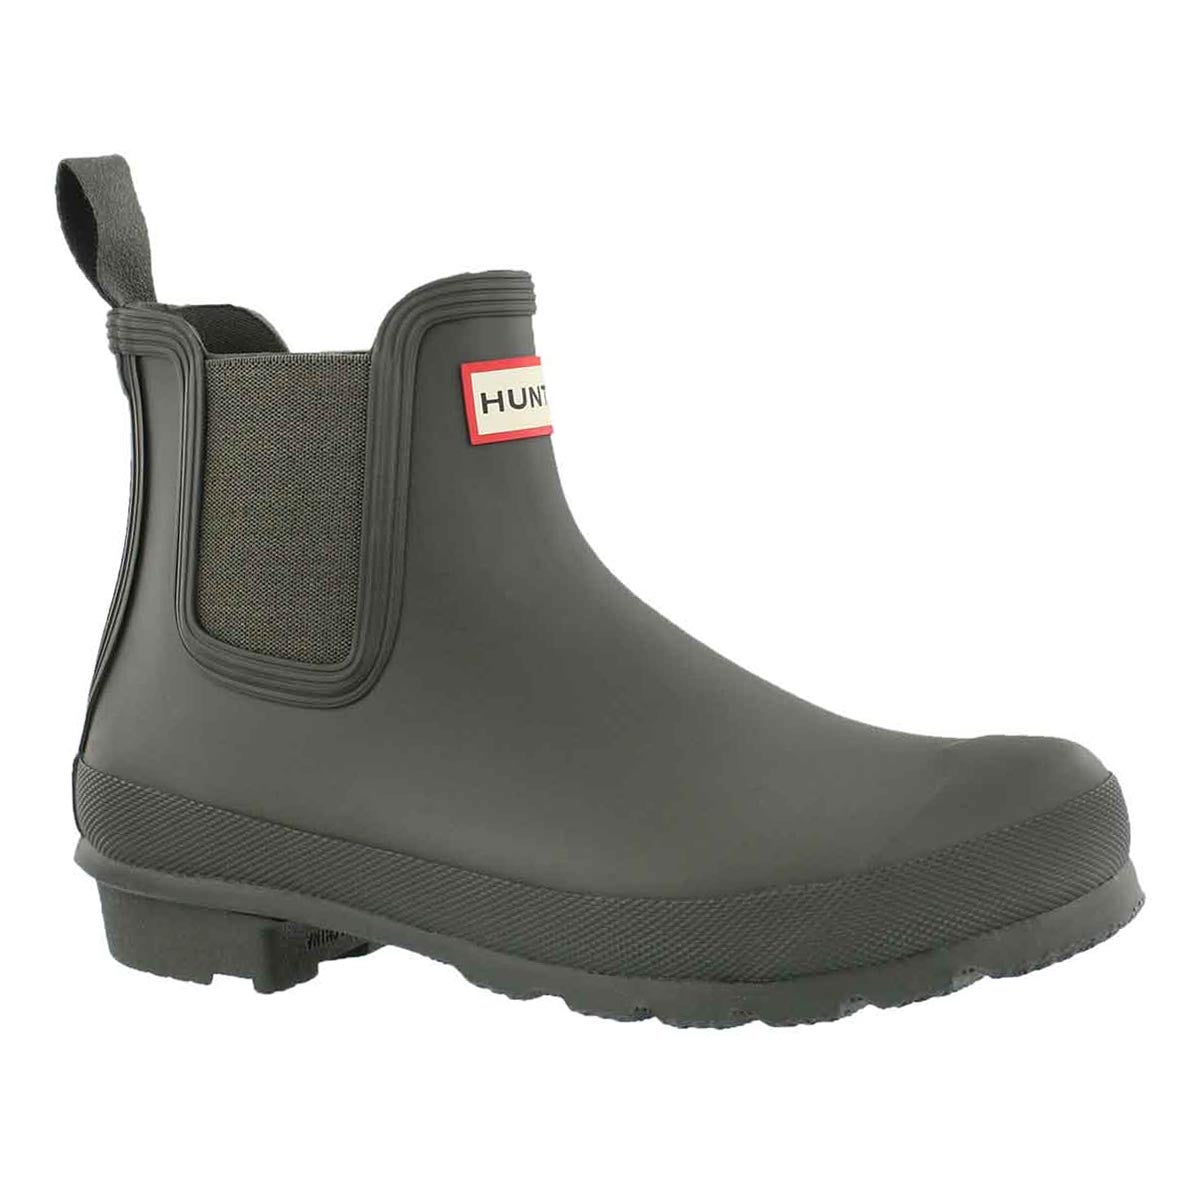 Women's ORIGINAL CHELSEA dark olive rain boots